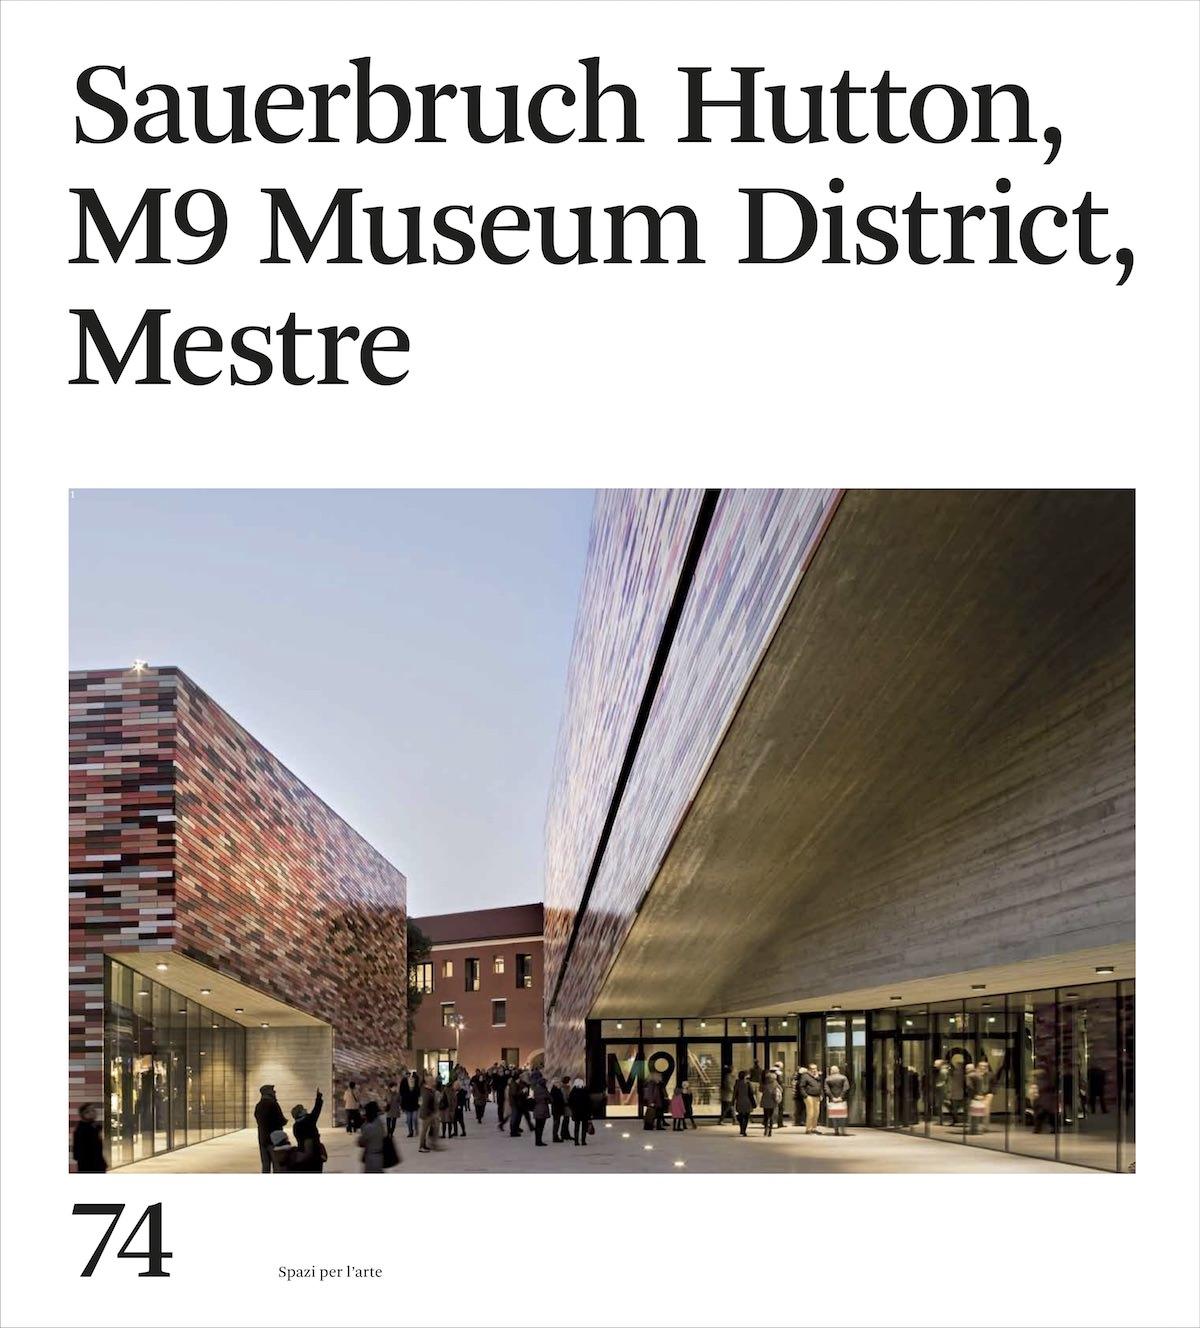 894 SAUERBRUCH HUTTON